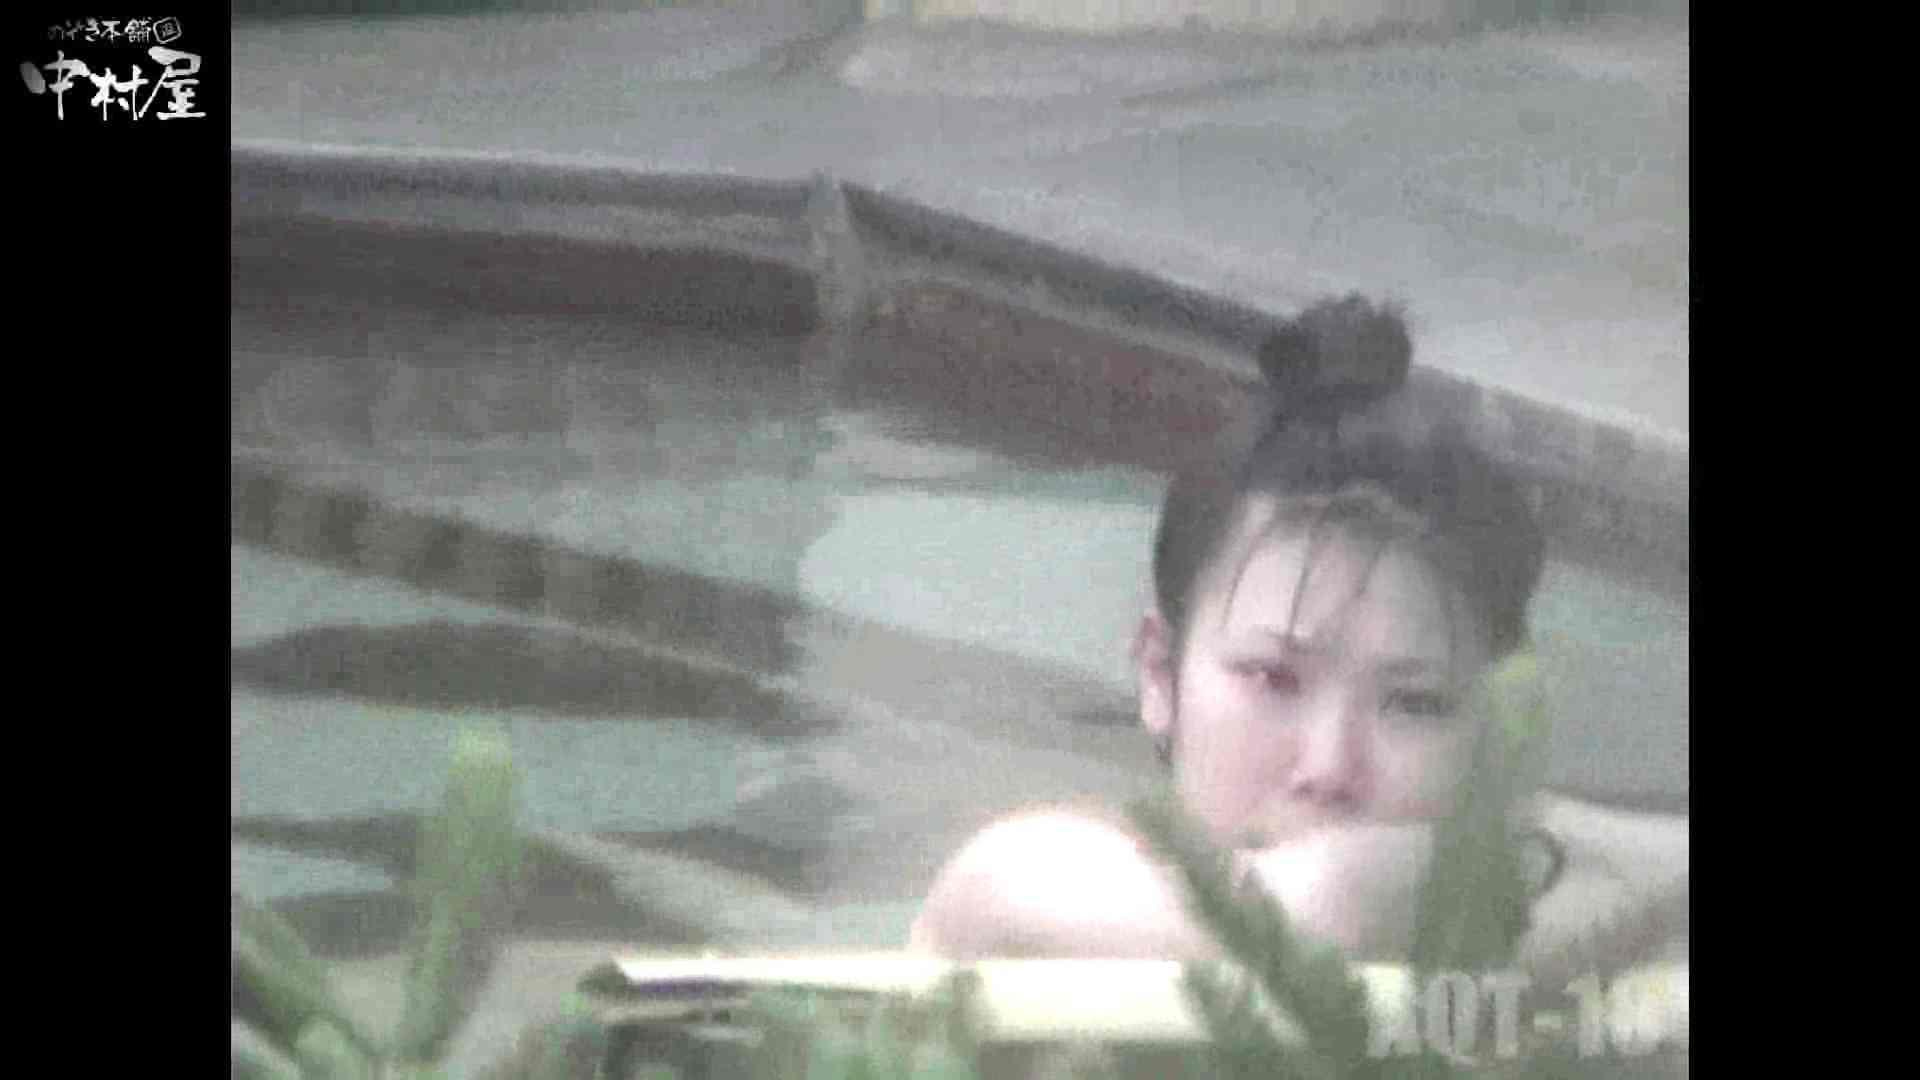 Aquaな露天風呂Vol.882潜入盗撮露天風呂十八判湯 其の二 盗撮 オマンコ動画キャプチャ 78PICs 71